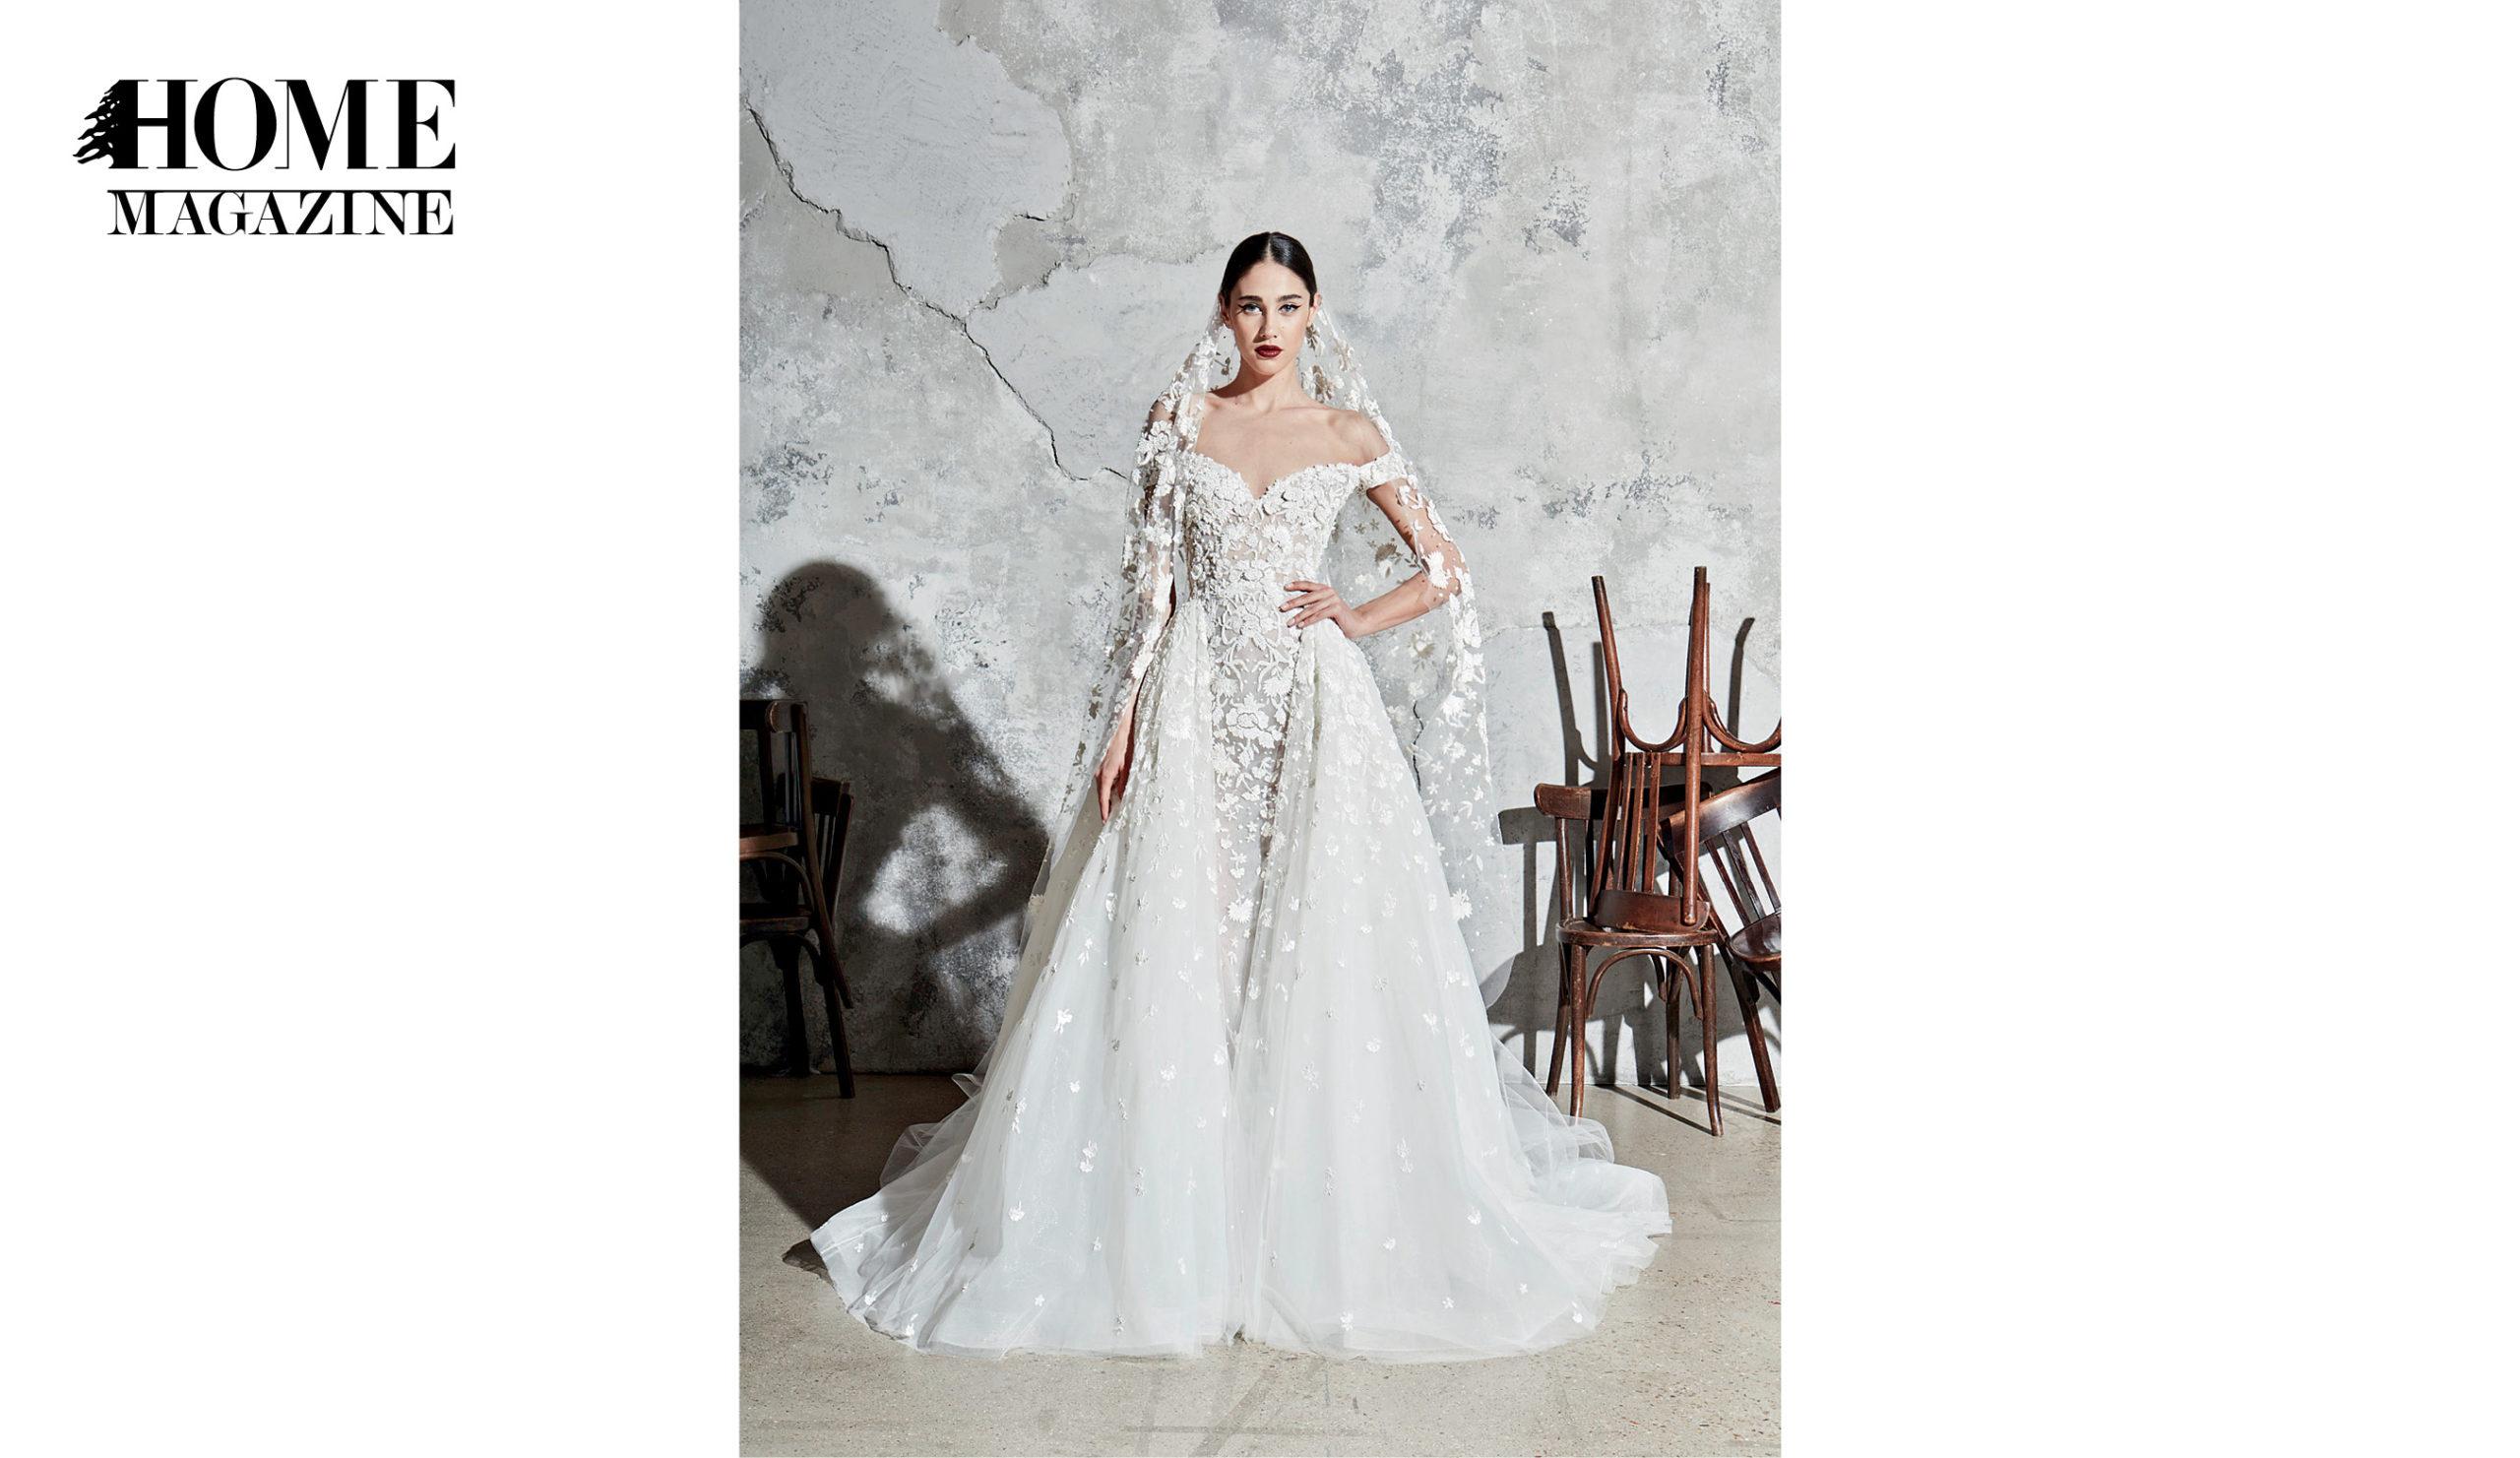 Model in bridal dress